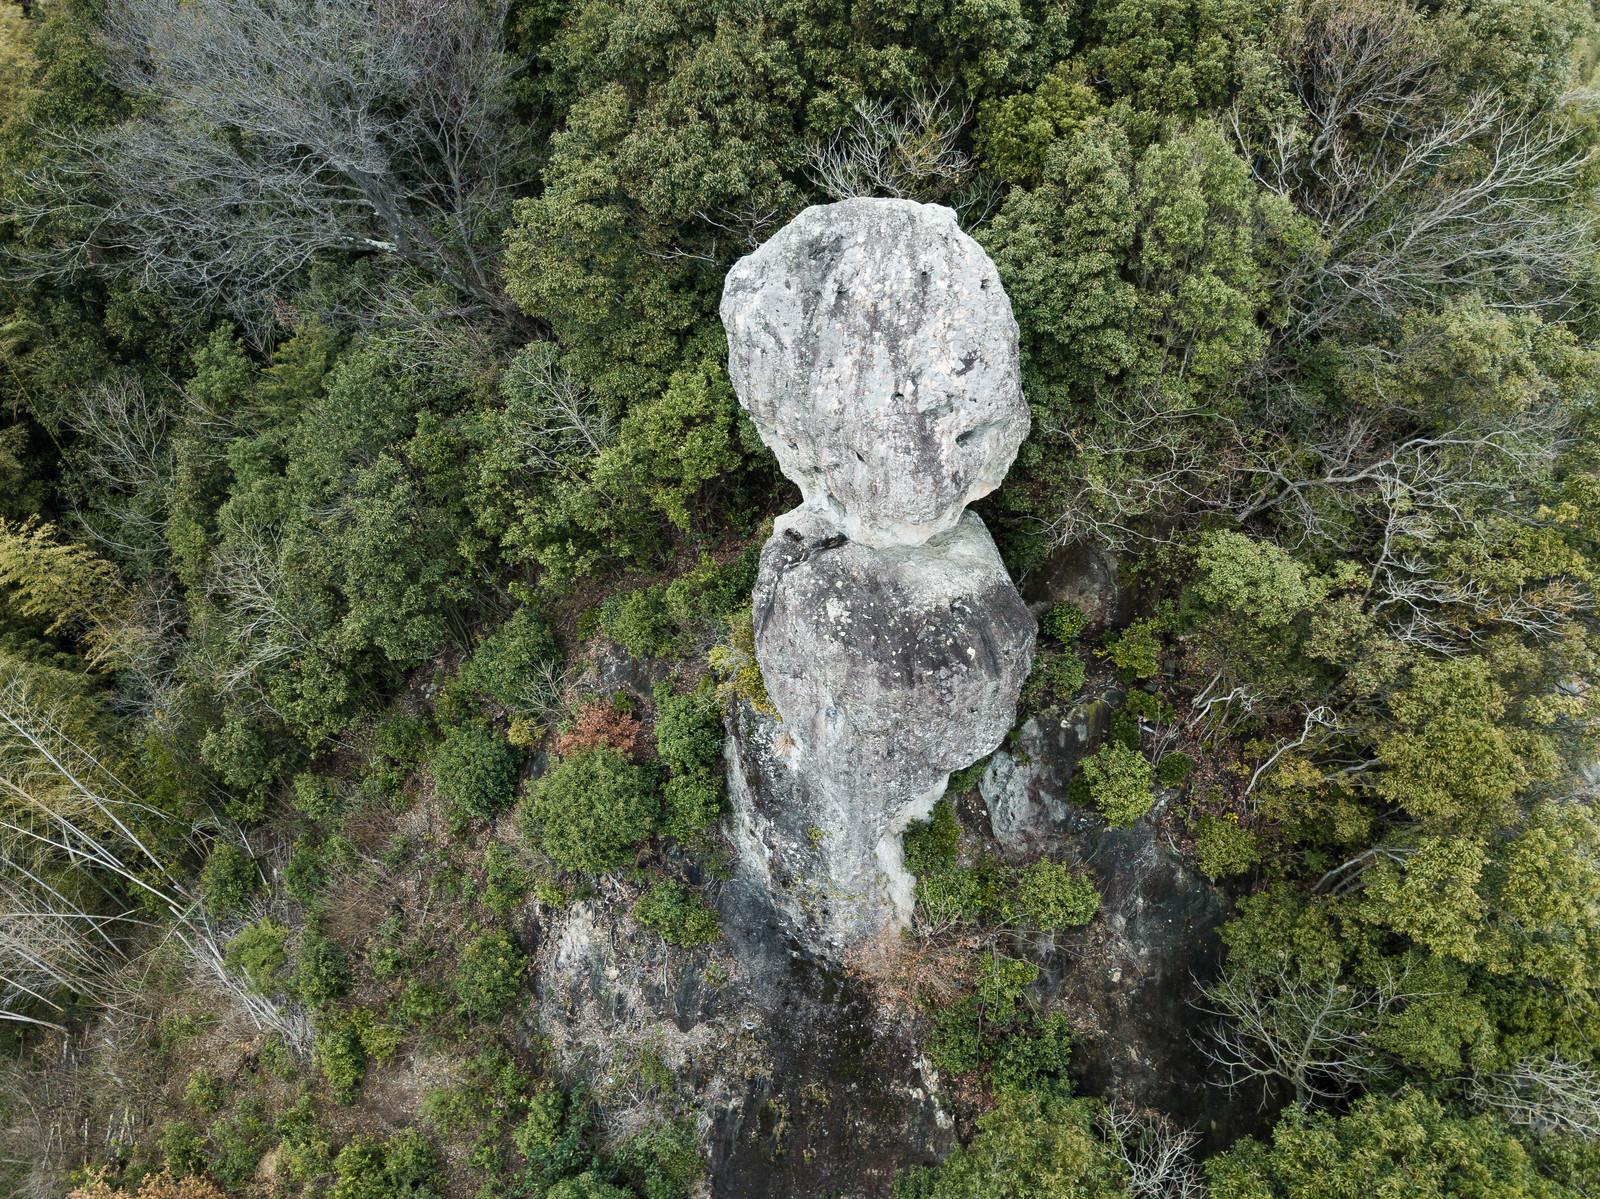 「落ちないことで受験生に人気の観光スポット「鯖くさらかし岩」」の写真